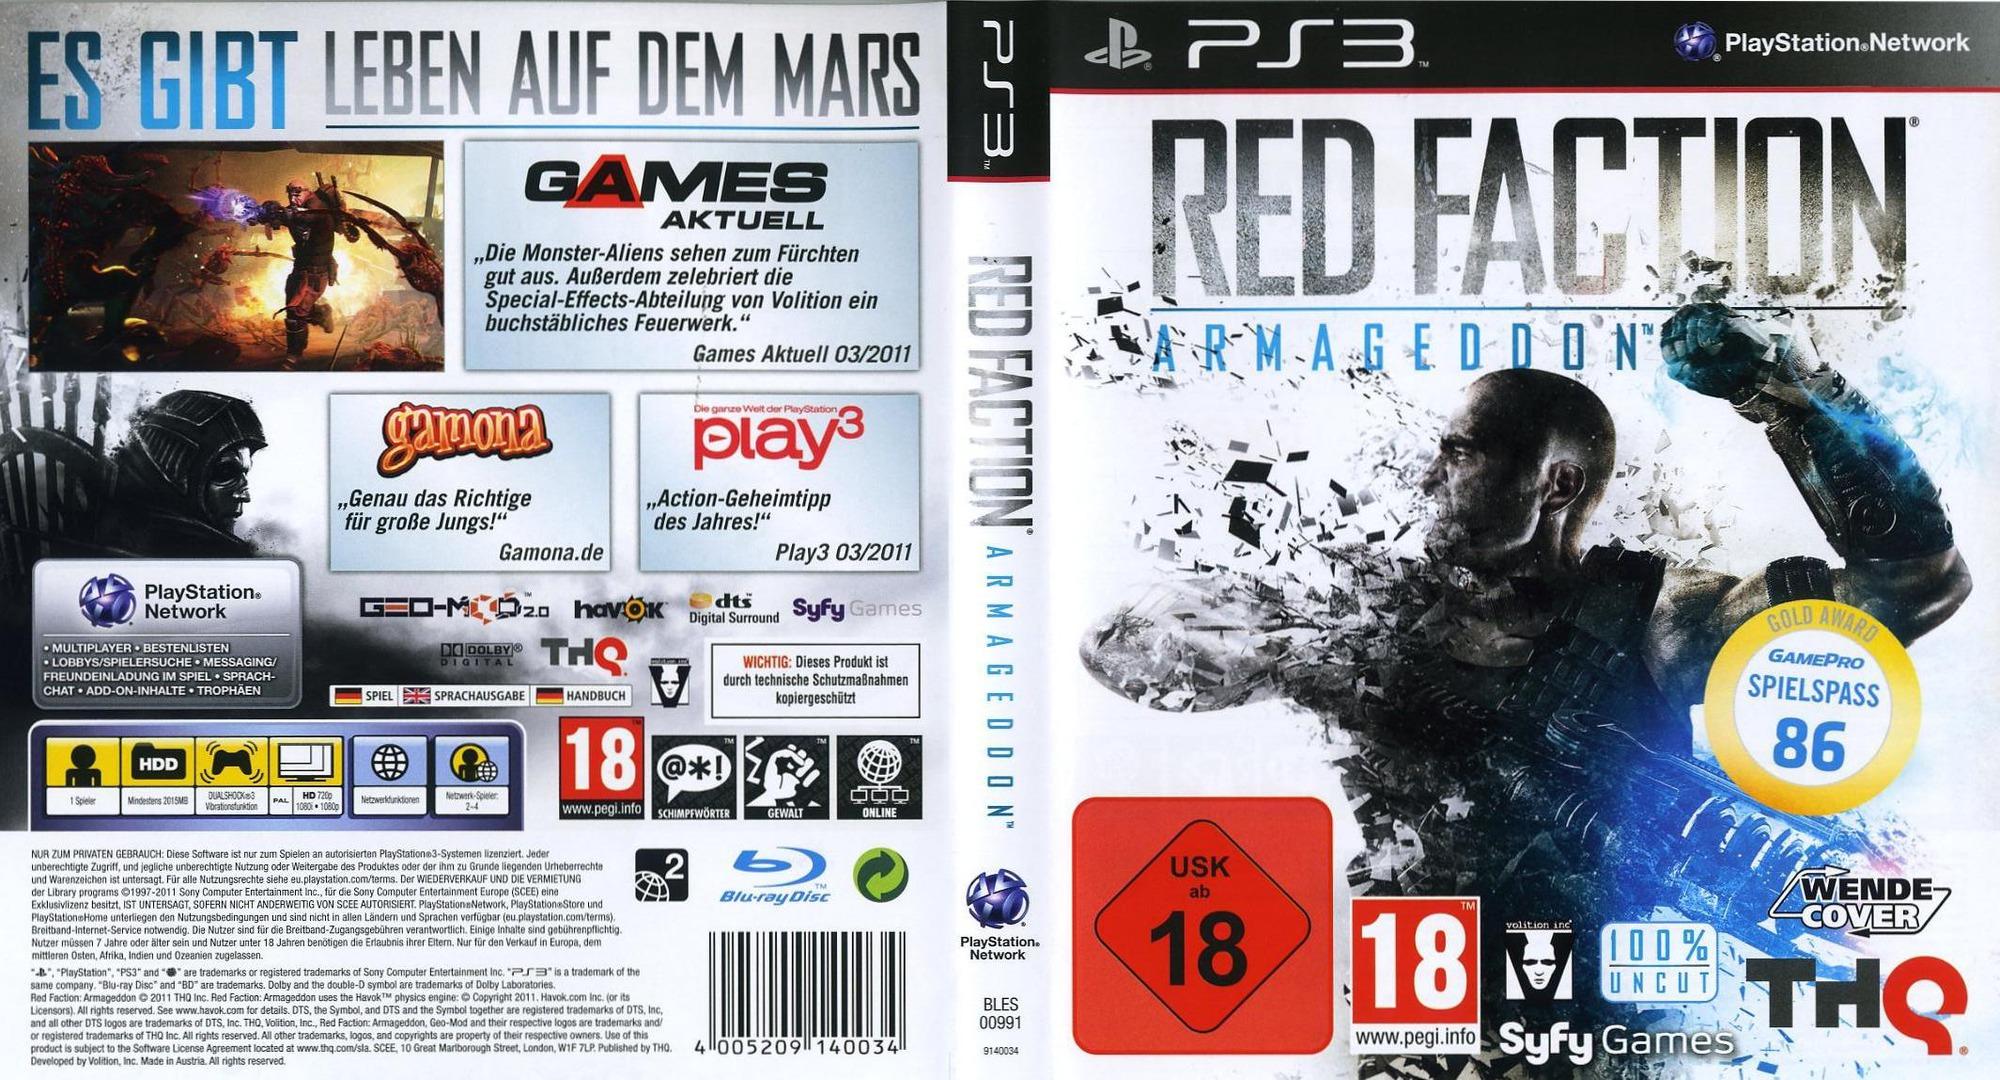 BLES00991 - Red Faction Armageddon